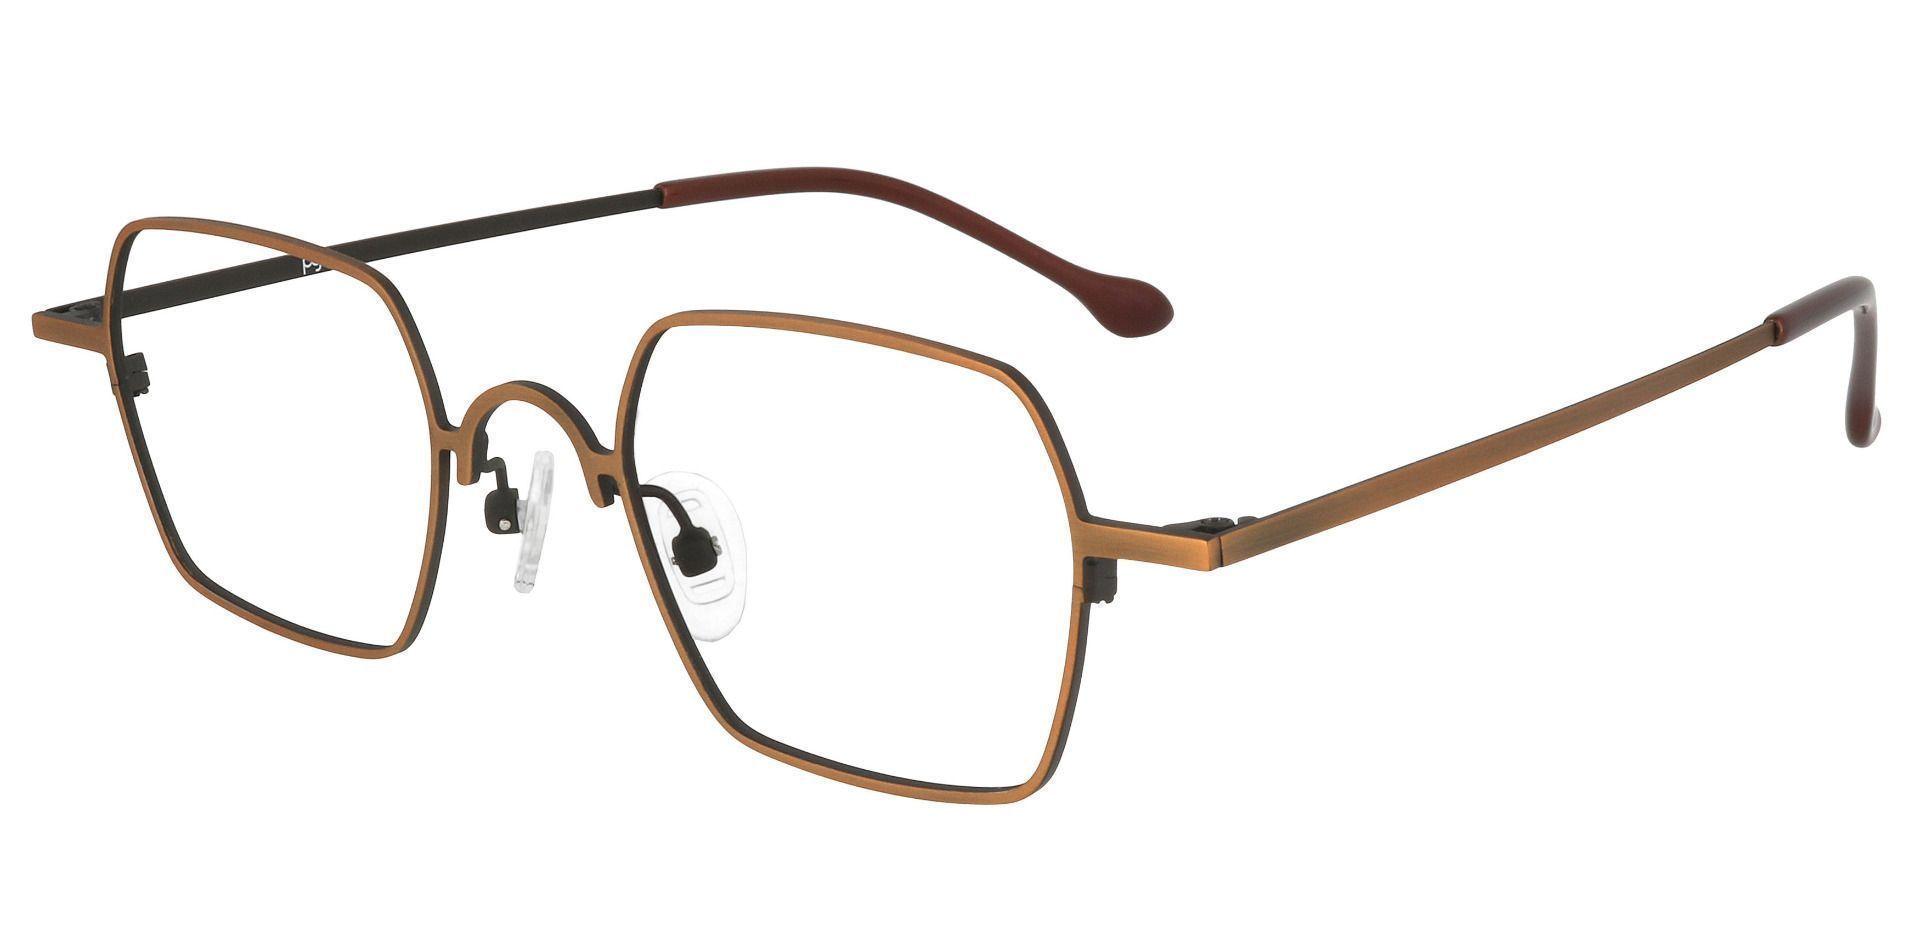 Cortado Geometric Prescription Glasses - Yellow